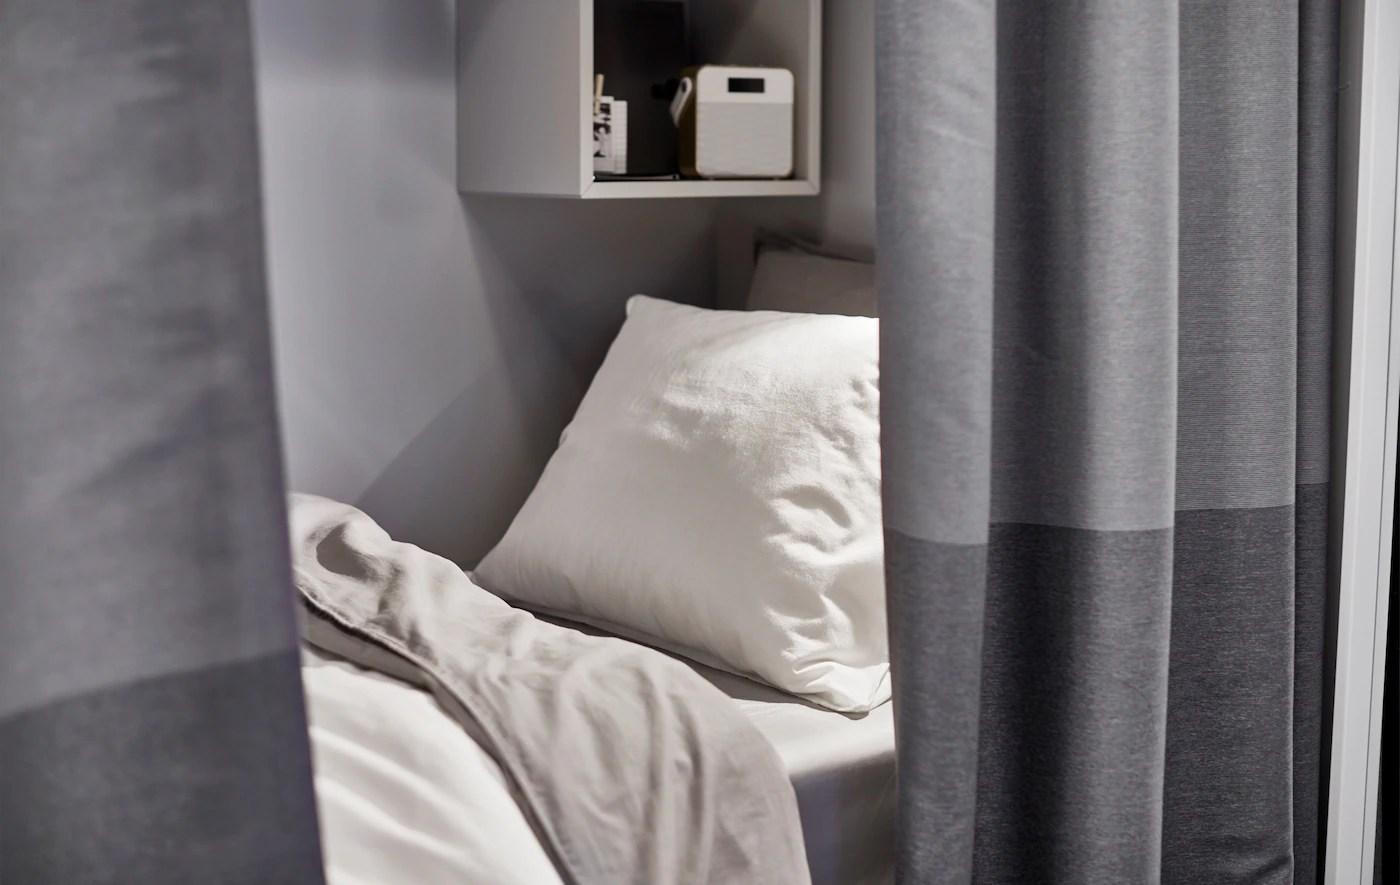 Et Meget Lille Sovevaerelse 1 89 Kvadratmeter Ikea